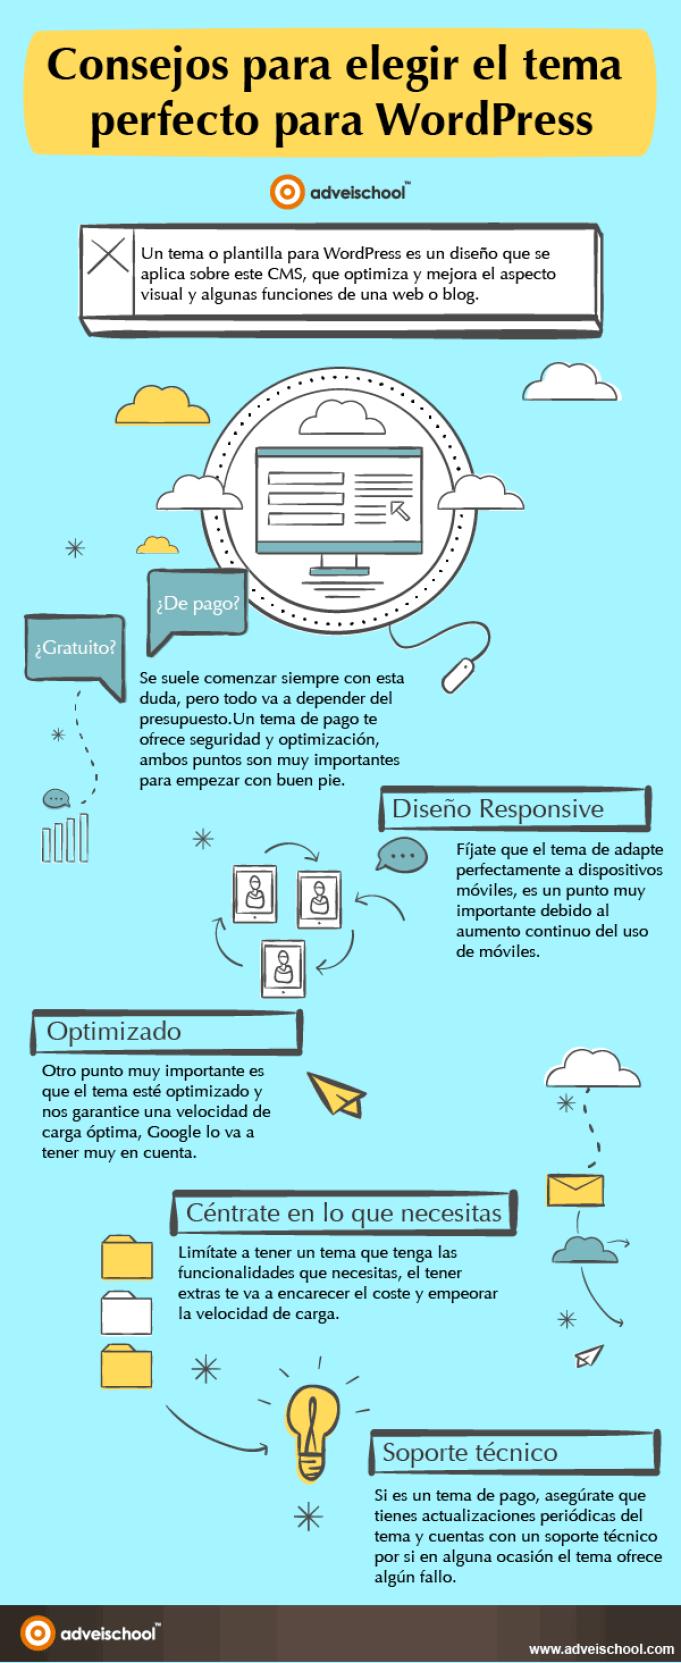 Consejos para elegir el tema perfecto para WordPress